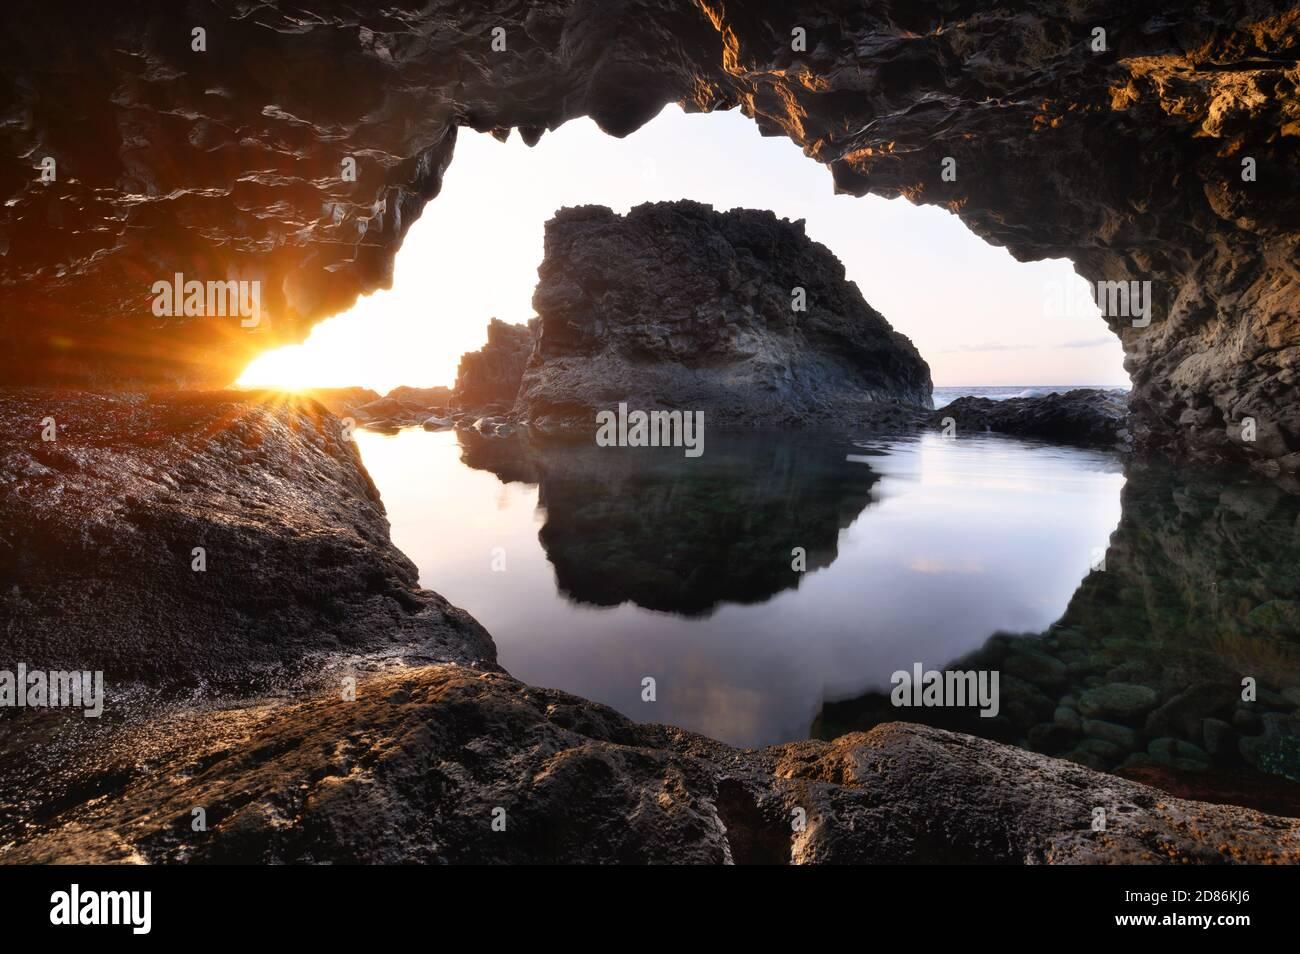 Paysage incroyable de Sea Cave au coucher du soleil. Photographie de la nature. Photo de haute qualité Banque D'Images